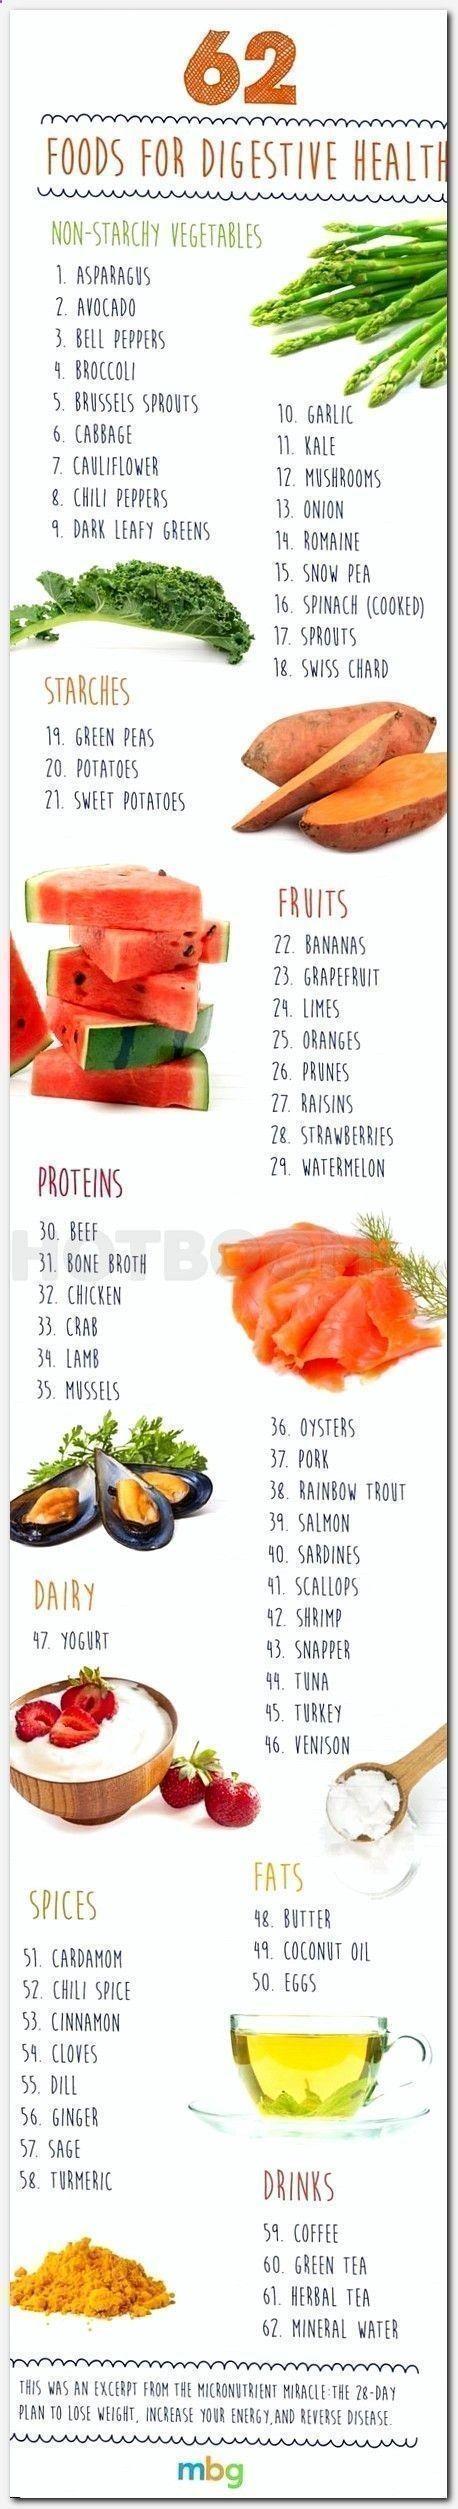 Weight loss diet plan gm